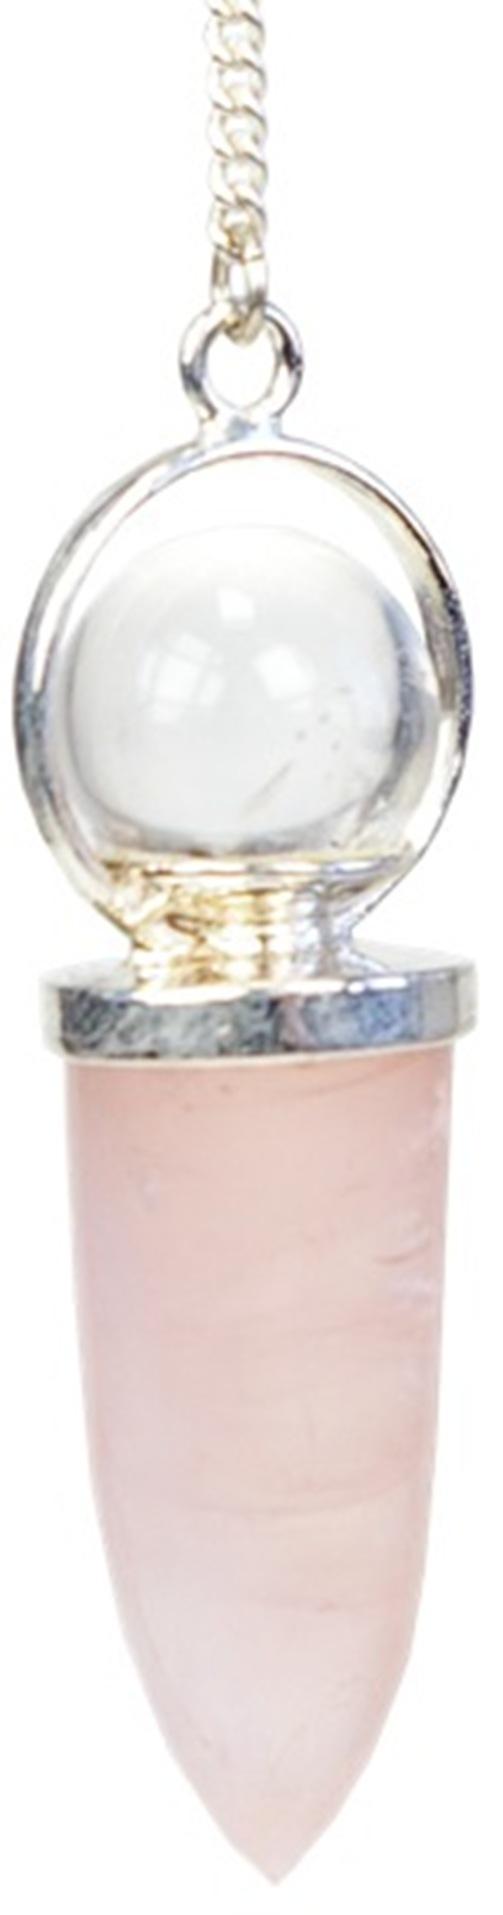 Pendule Quartz Rose avec Bille de cristal